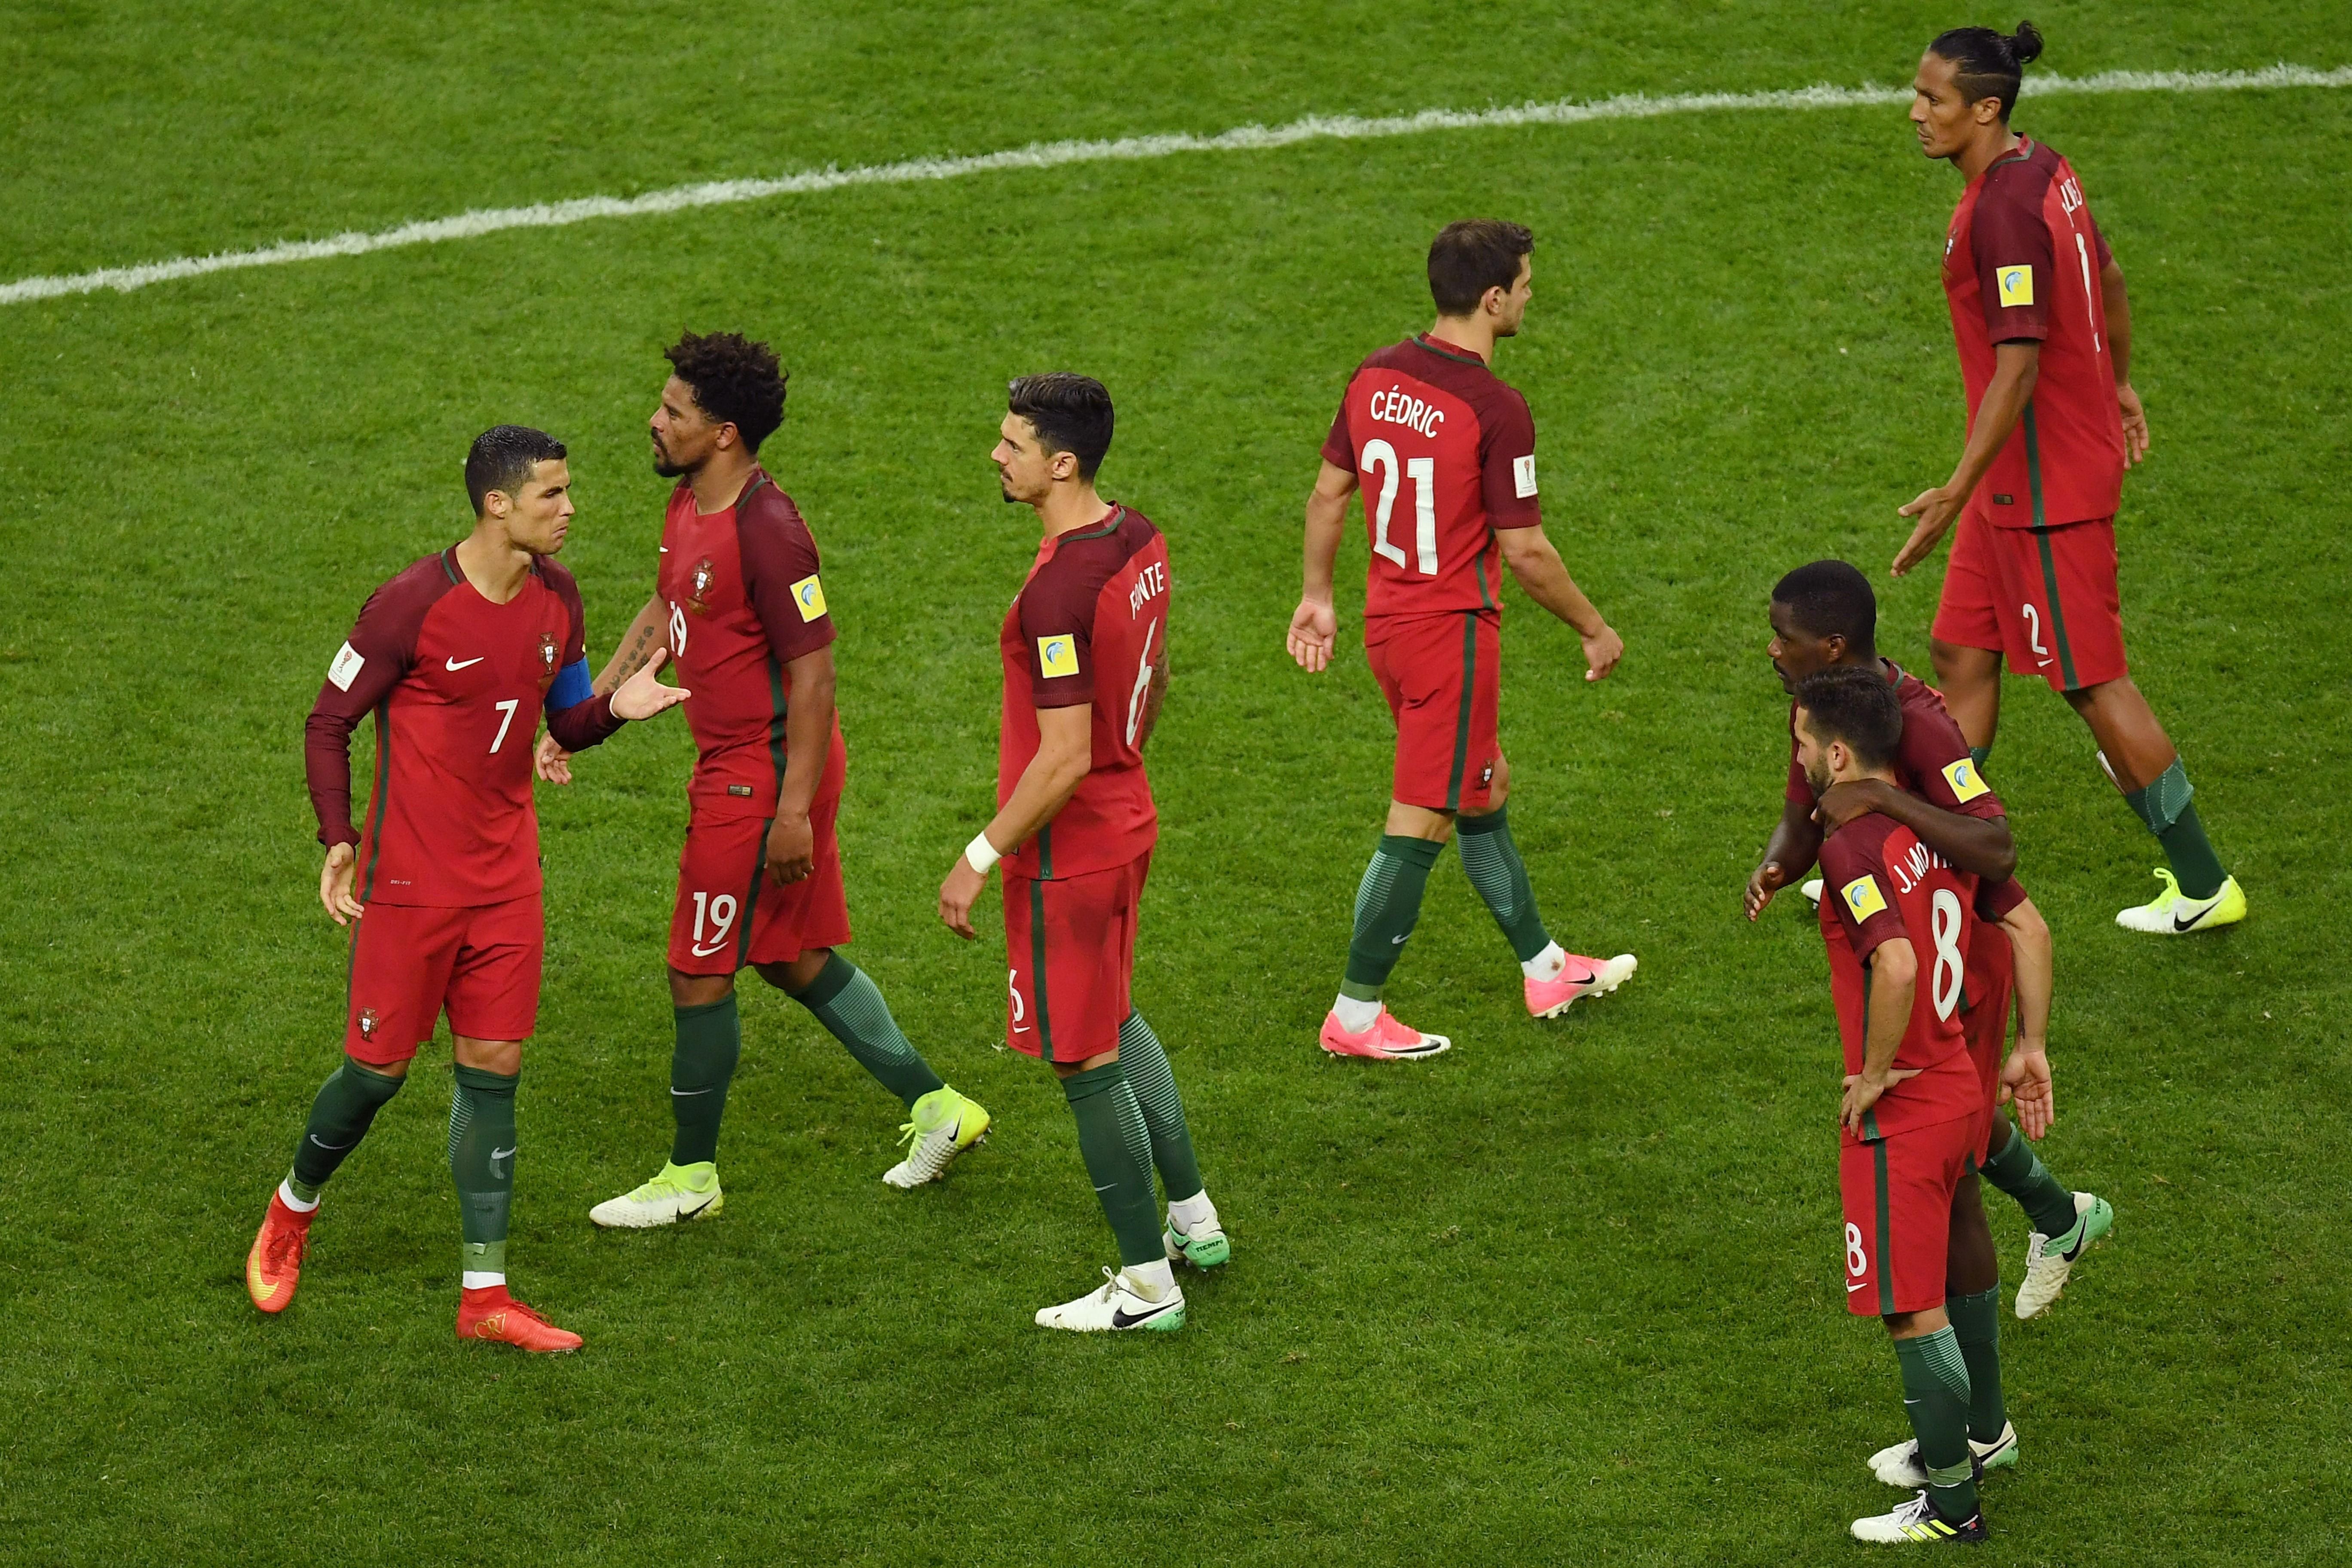 Вматче Португалия-Чили 28июня определится 1-ый финалист Кубка конфедераций 2017